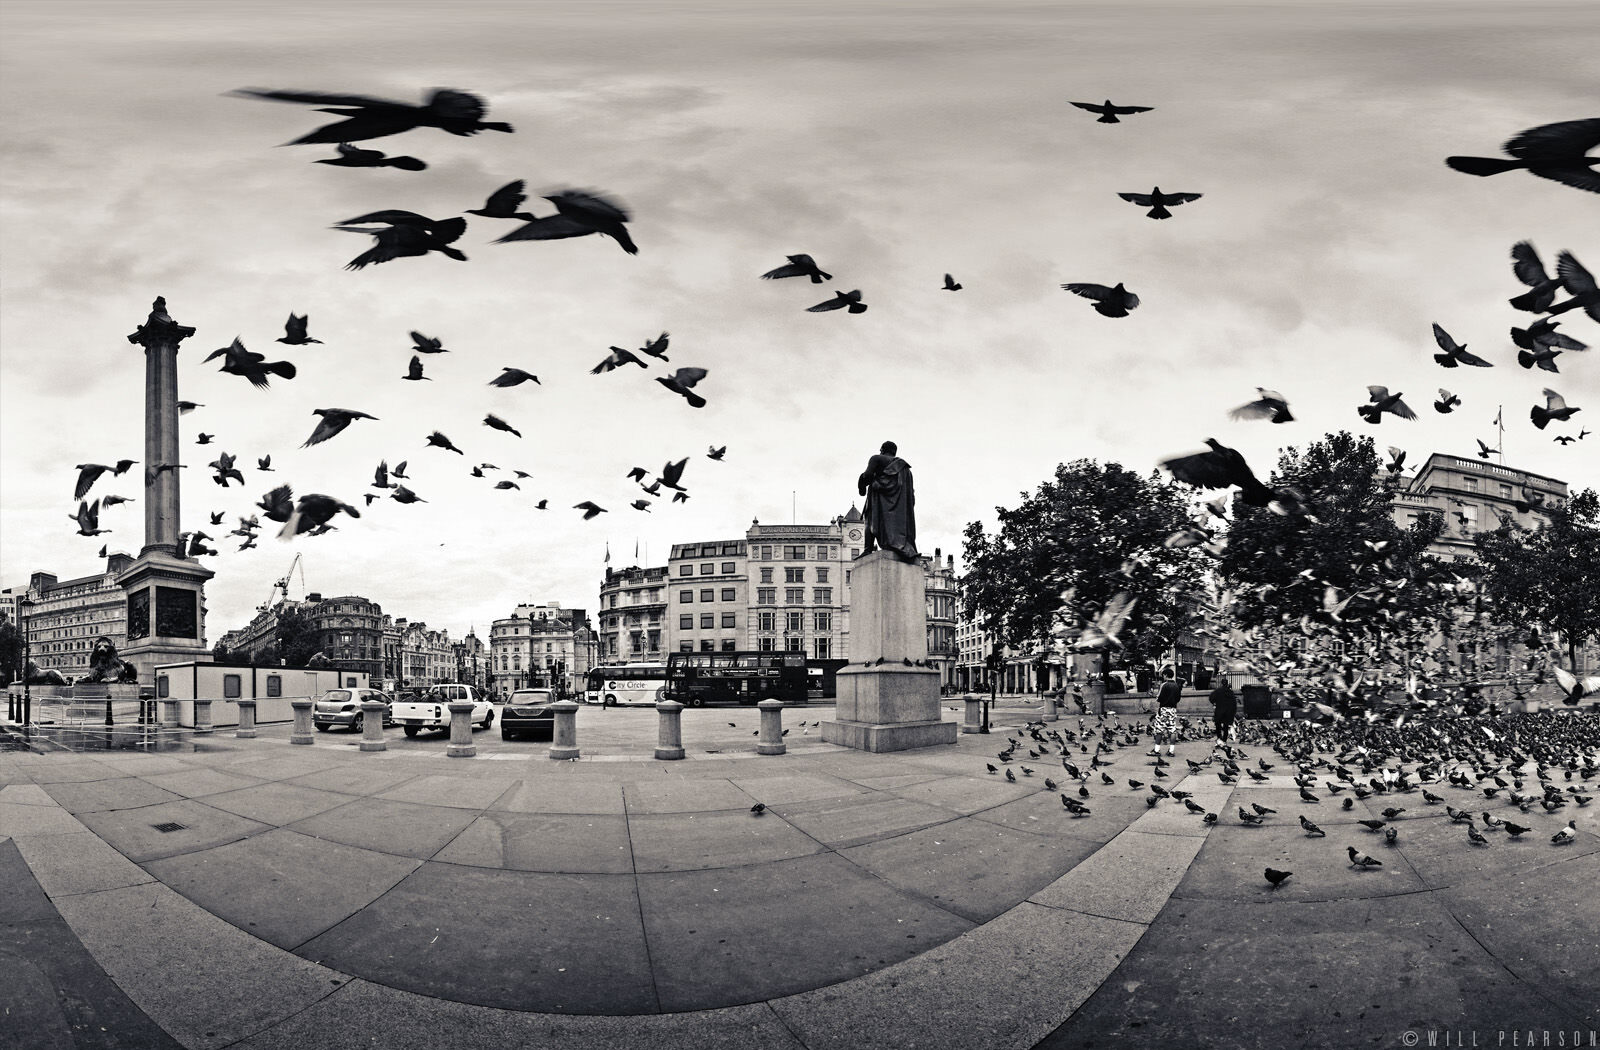 The Birds, Trafalgar Square